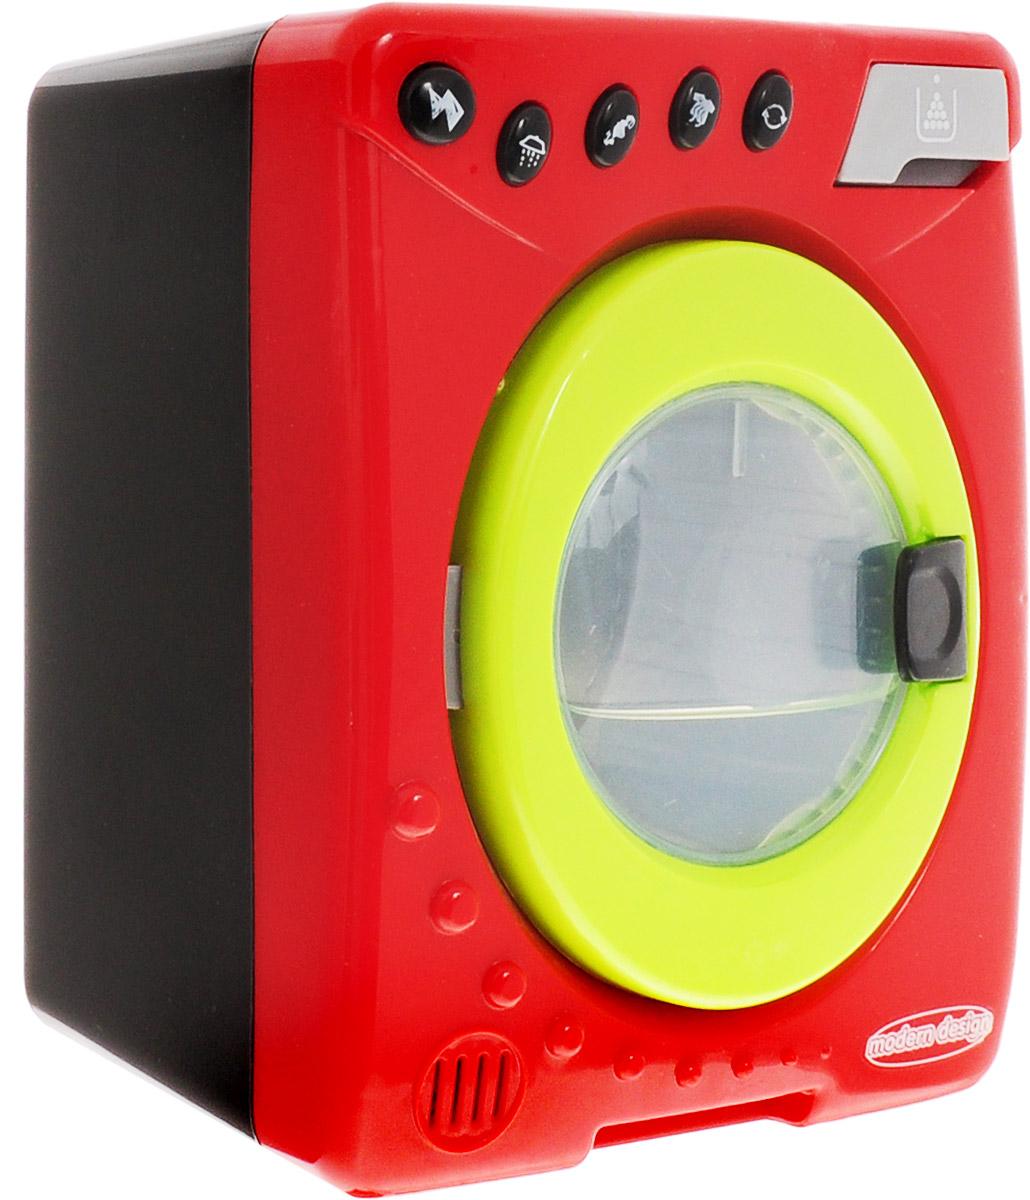 Veld-Co Игрушечная стиральная машина 47907 детская стиральная машинка с водой купить